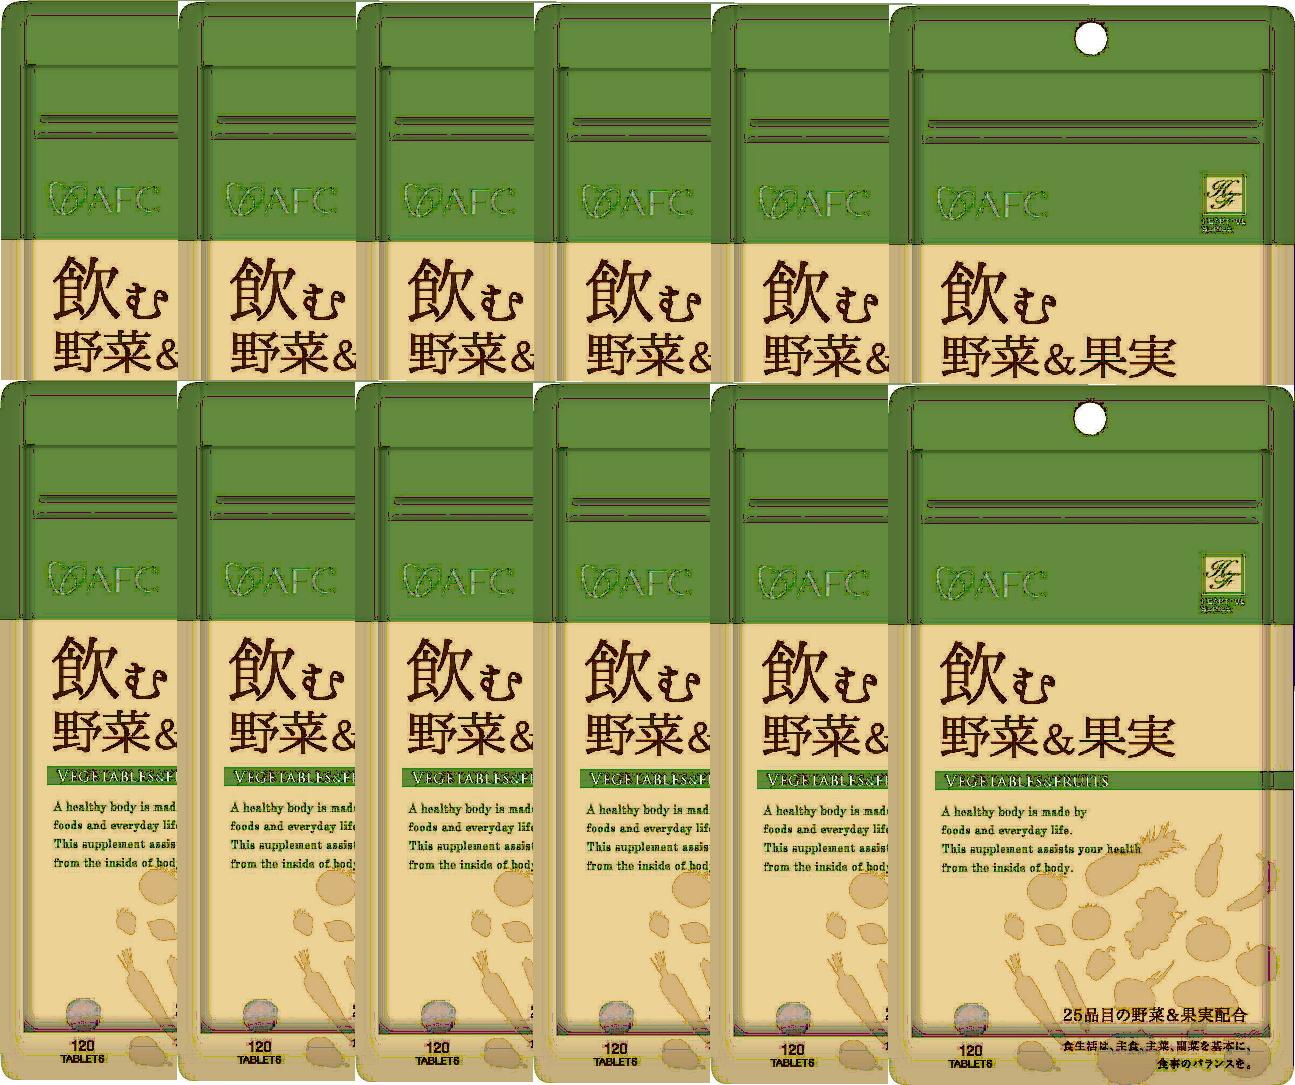 AFC 飲む野菜&果実《60日×12袋セット》ハートフルシリーズ(エーエフシー サプリメント)